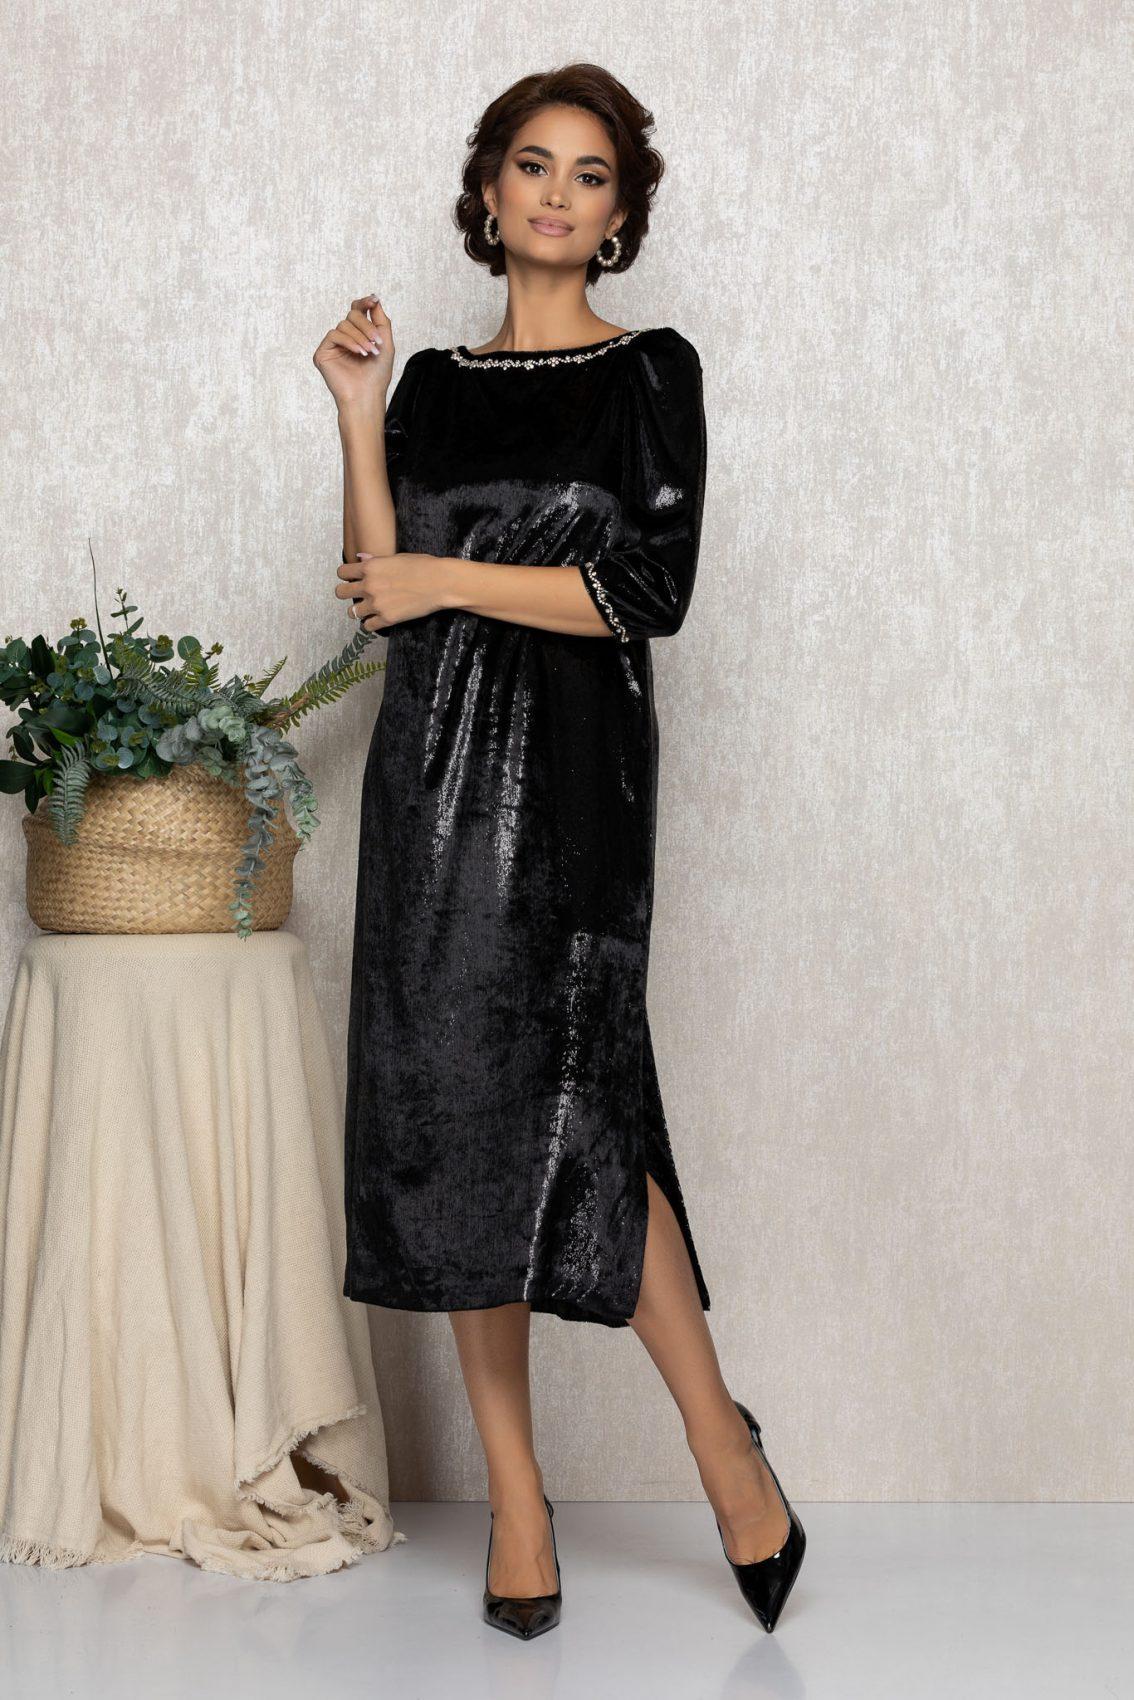 Μαύρο Μίντι Φόρεμα Από Βελούδο Ginette T206 1